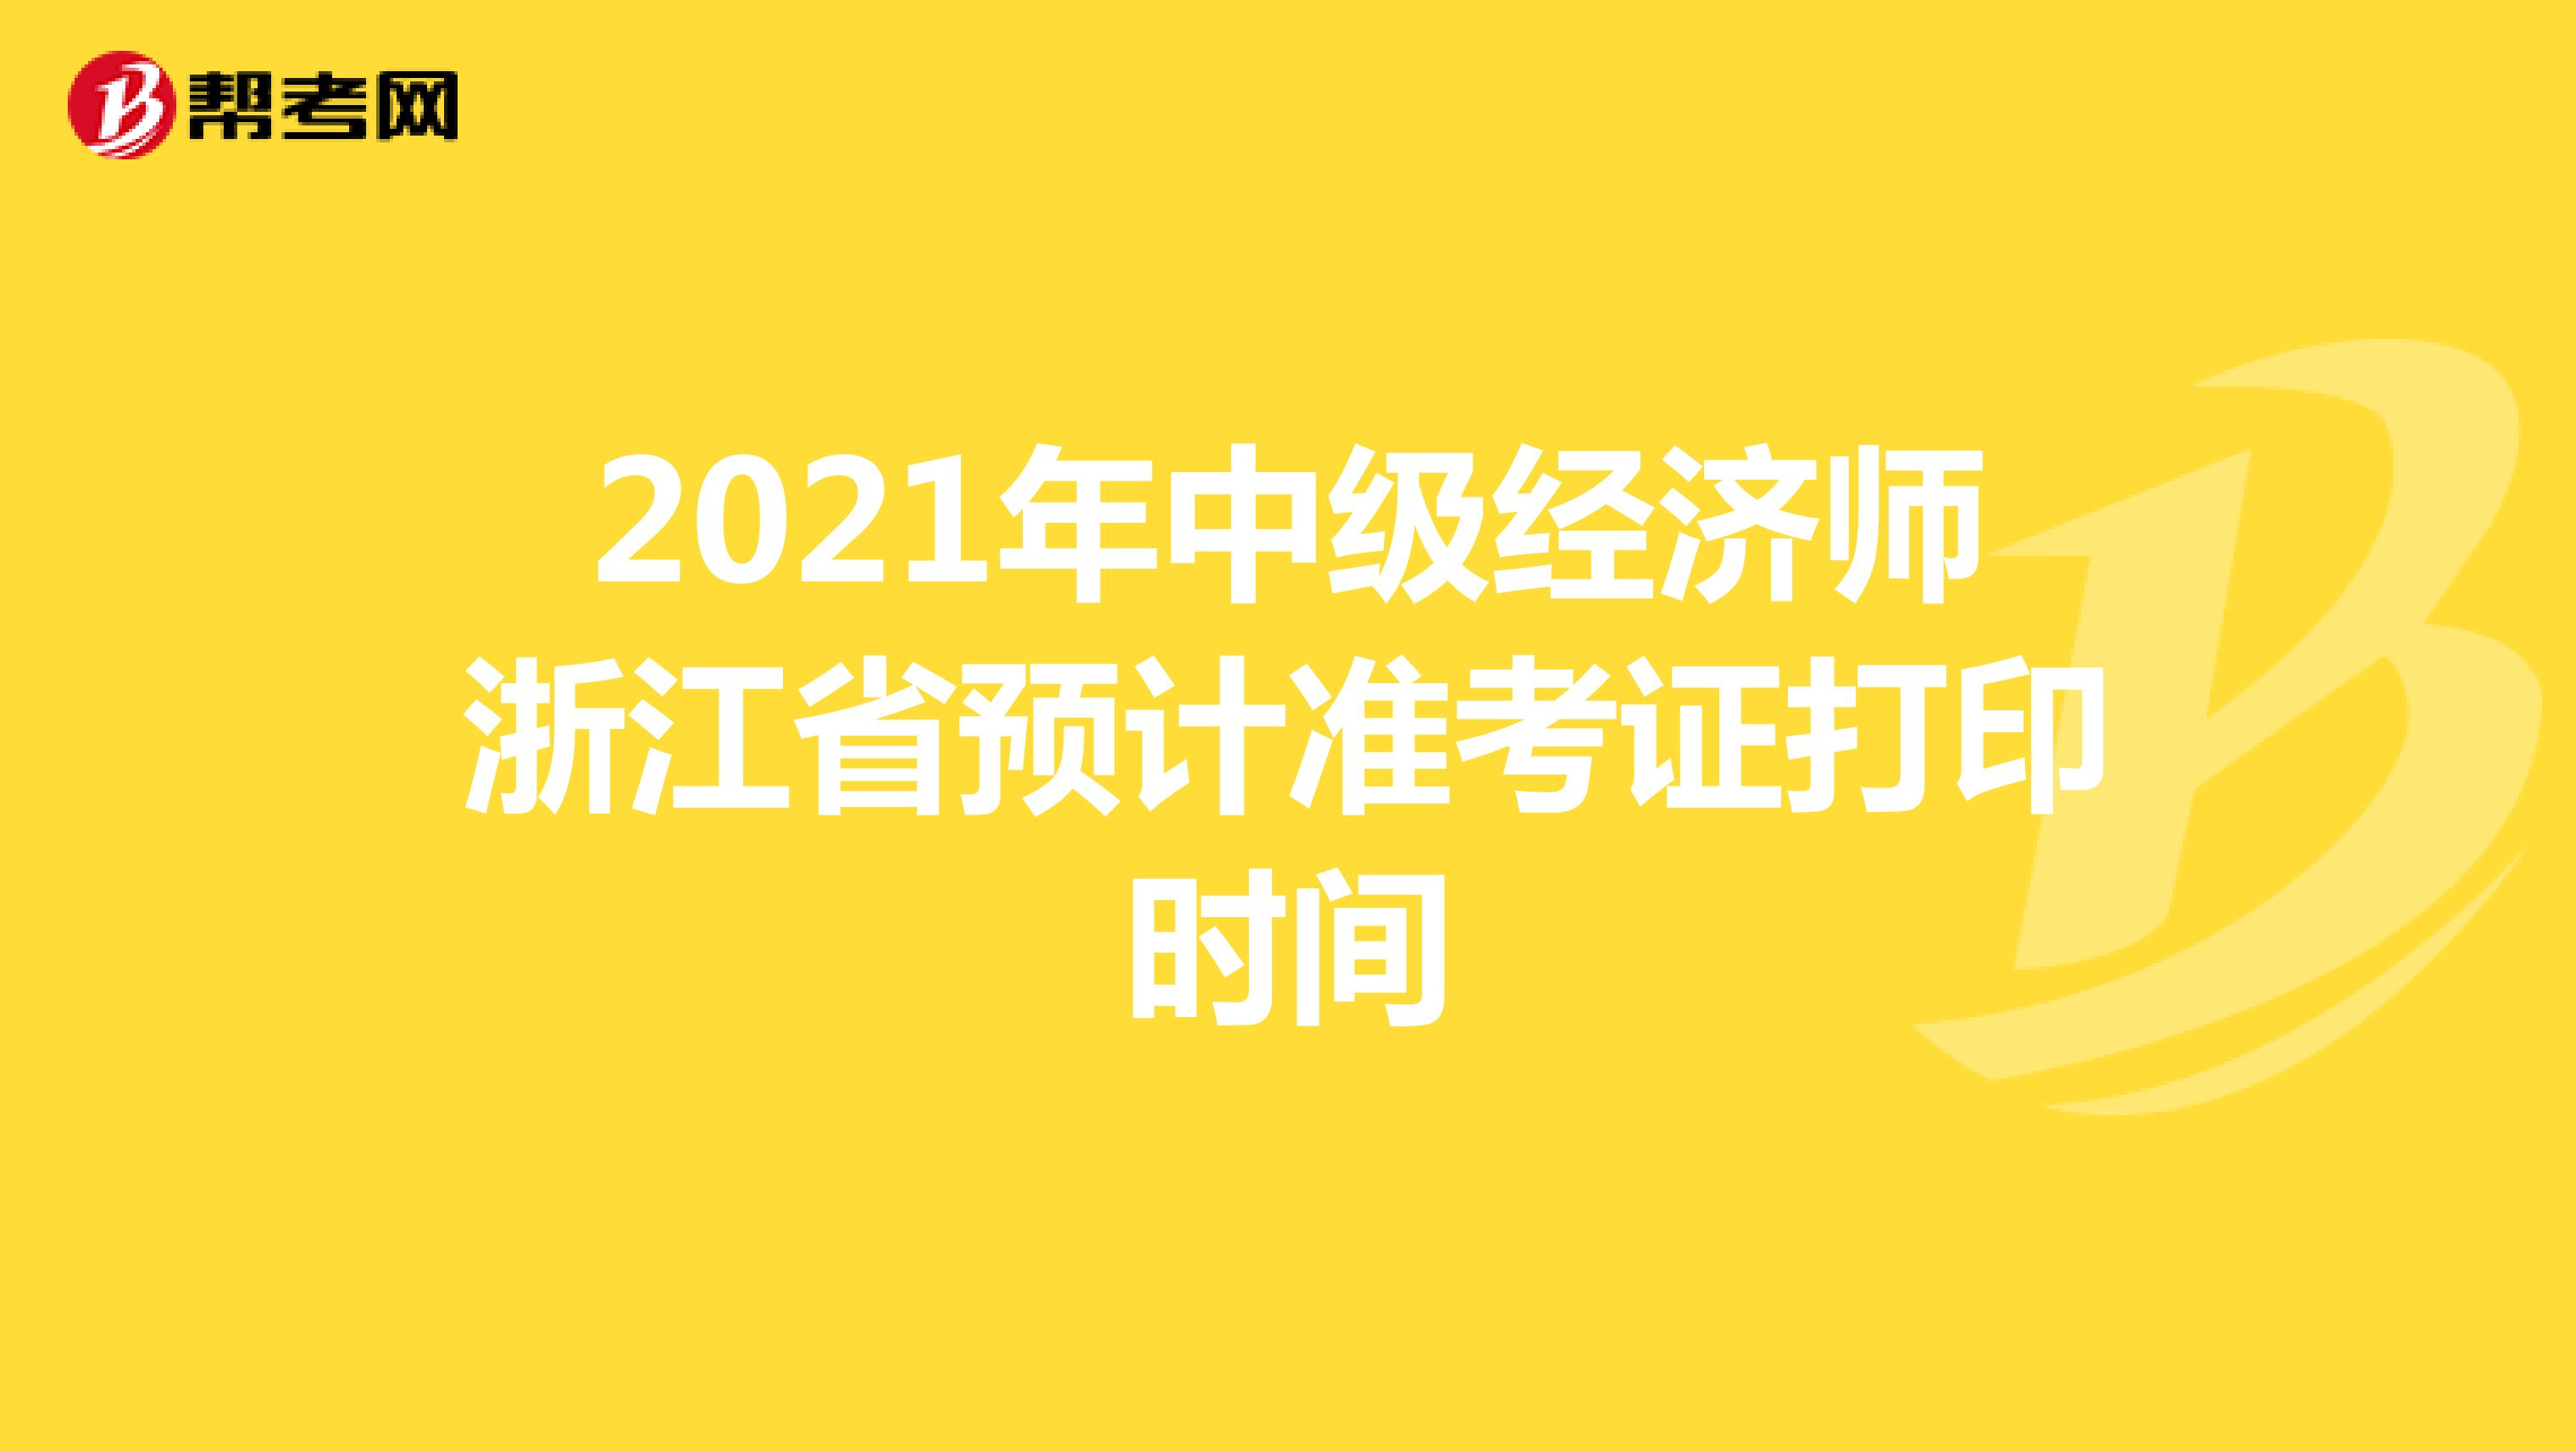 2021年中級經濟師浙江省預計準考證打印時間